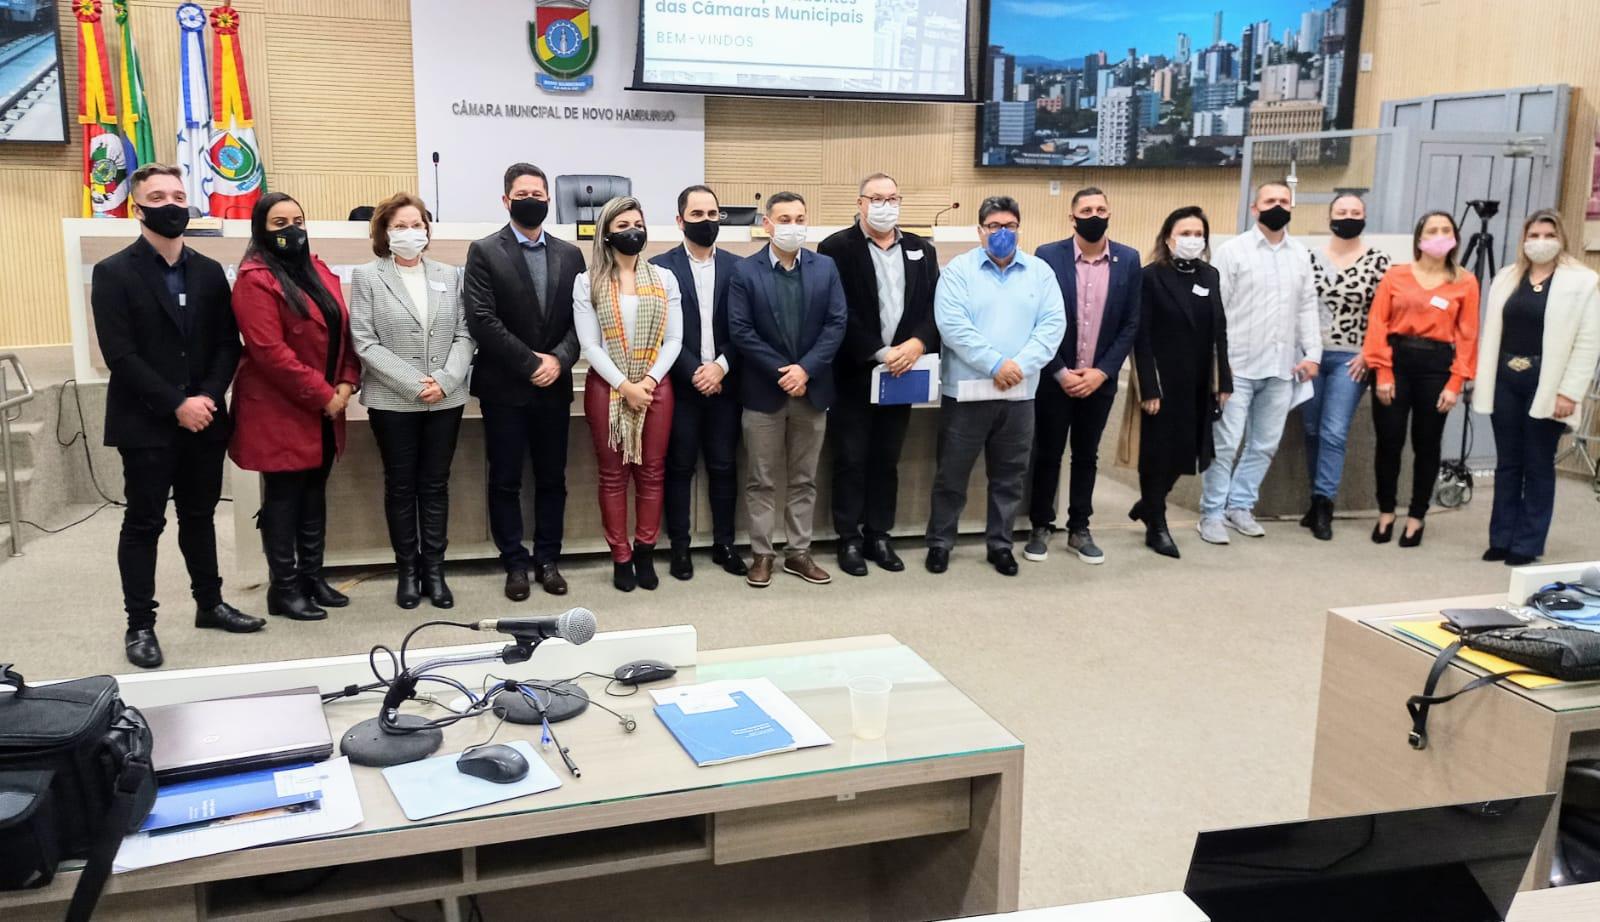 Encontro de Vereadores - Letícia Maidana representa o Legislativo em encontro de parlamentares da Região Metropolitana